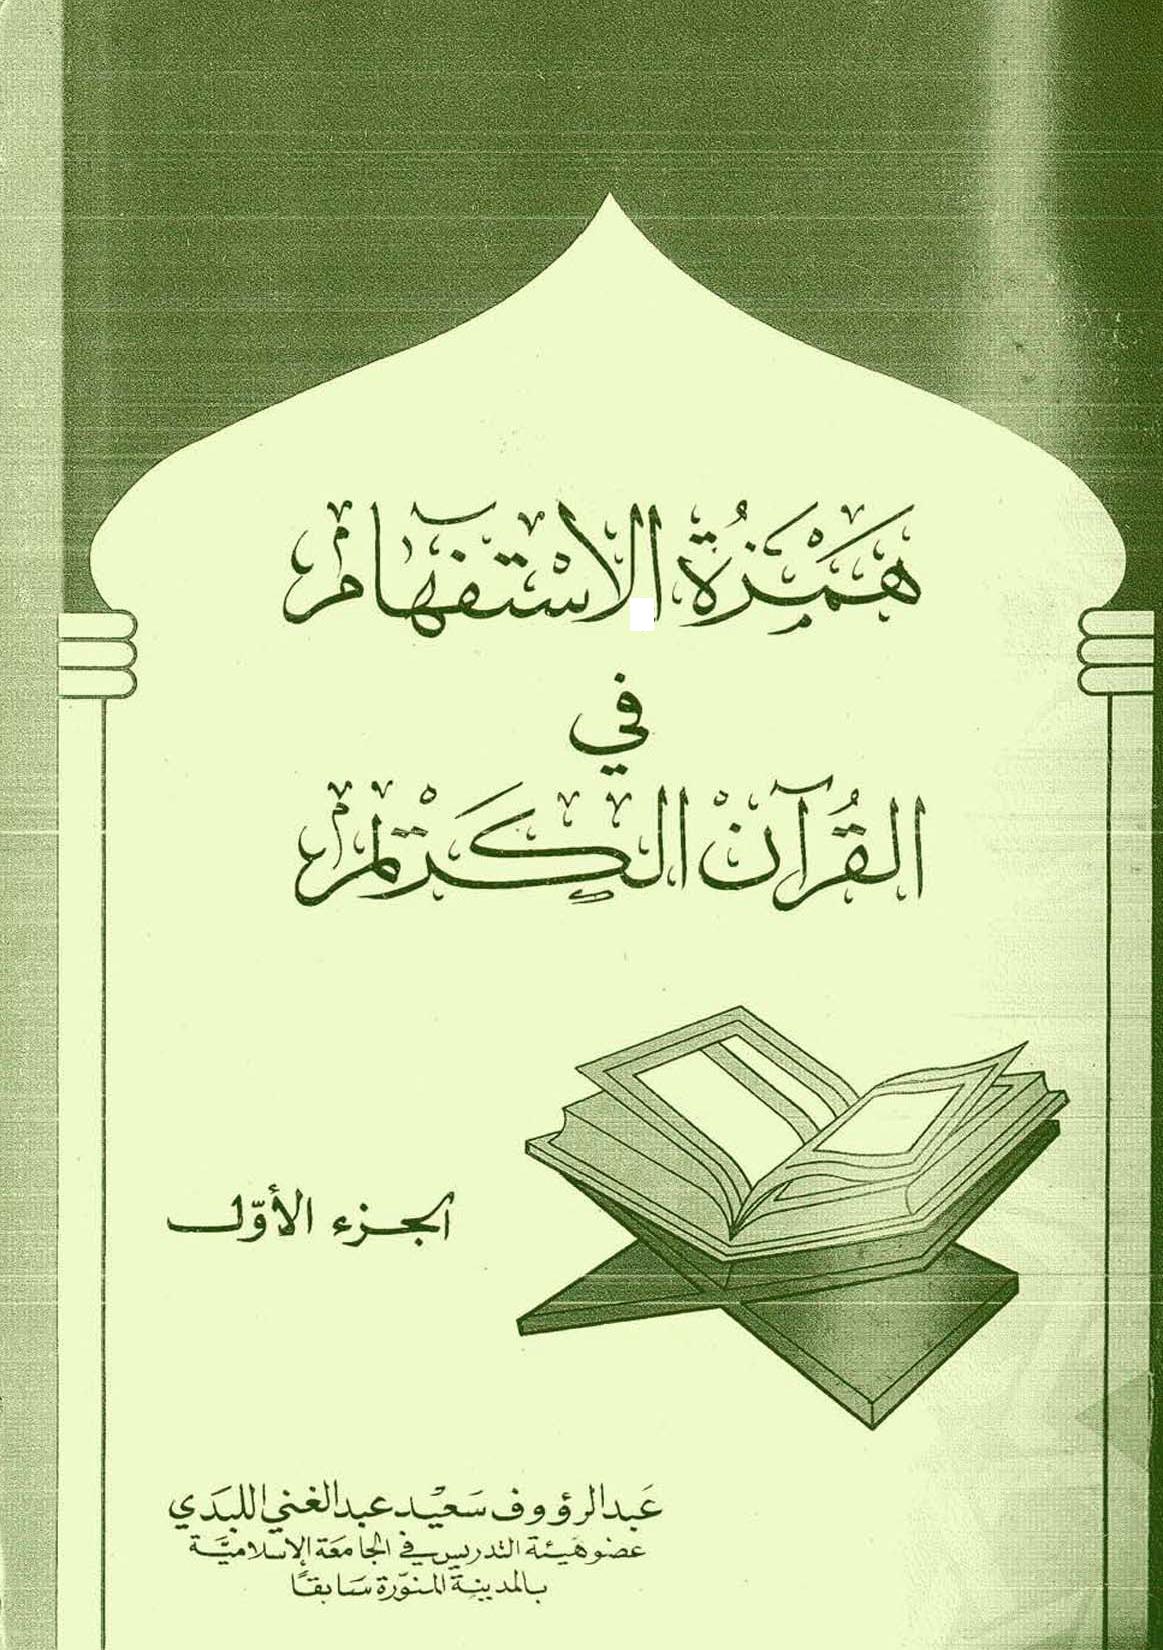 تحميل كتاب همزة الاستفهام في القرآن الكريم (الجزء الأول) لـِ: الأستاذ عبد الرؤوف سعيد عبد الغني اللبدي